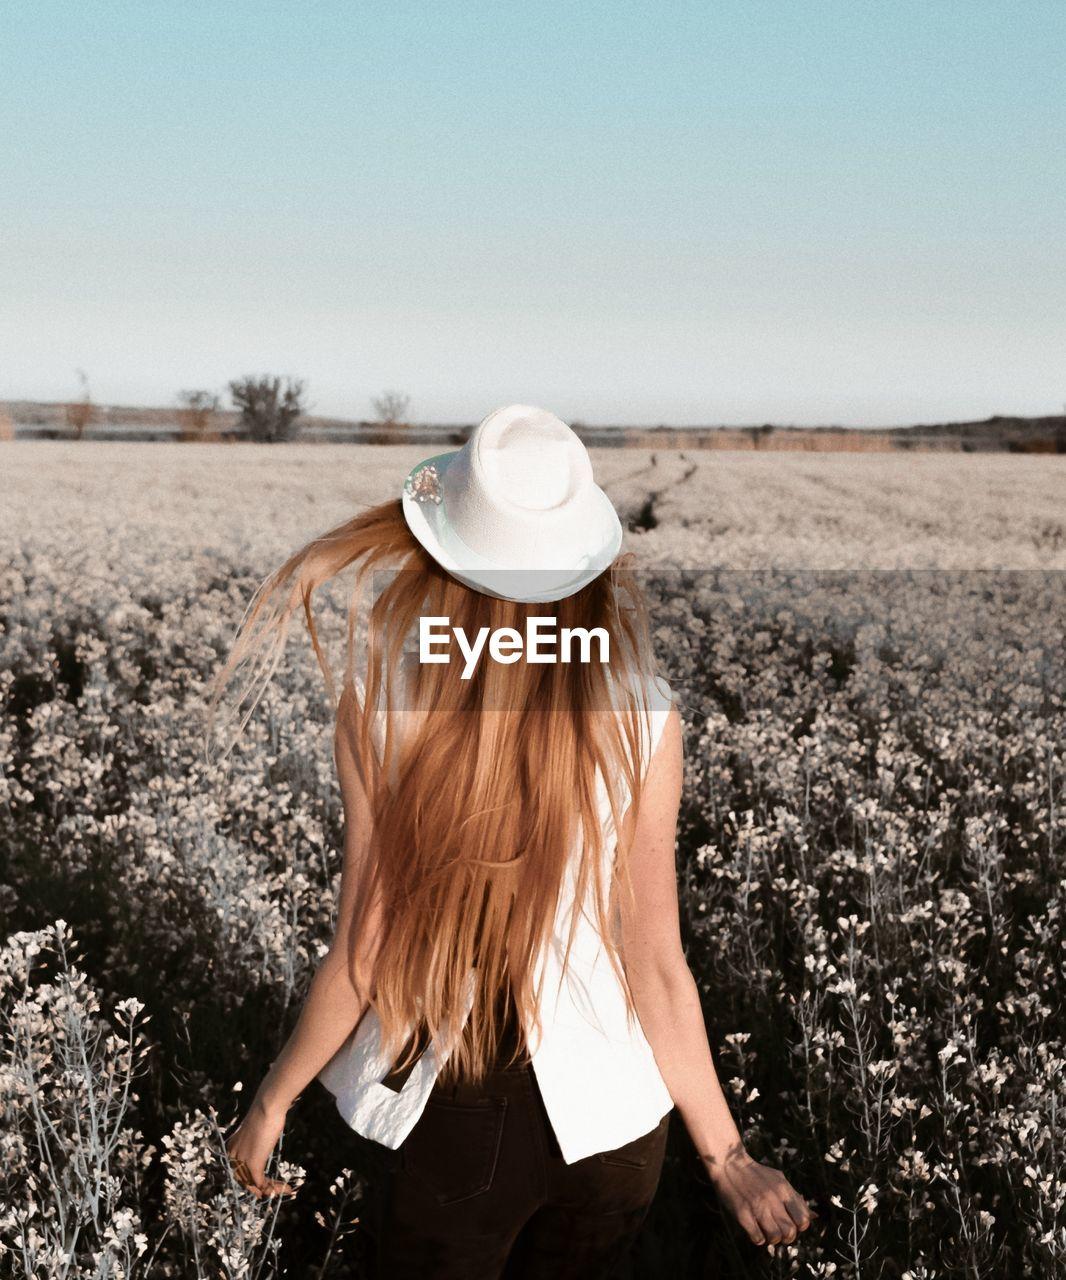 REAR VIEW OF WOMAN IN HAT ON FIELD